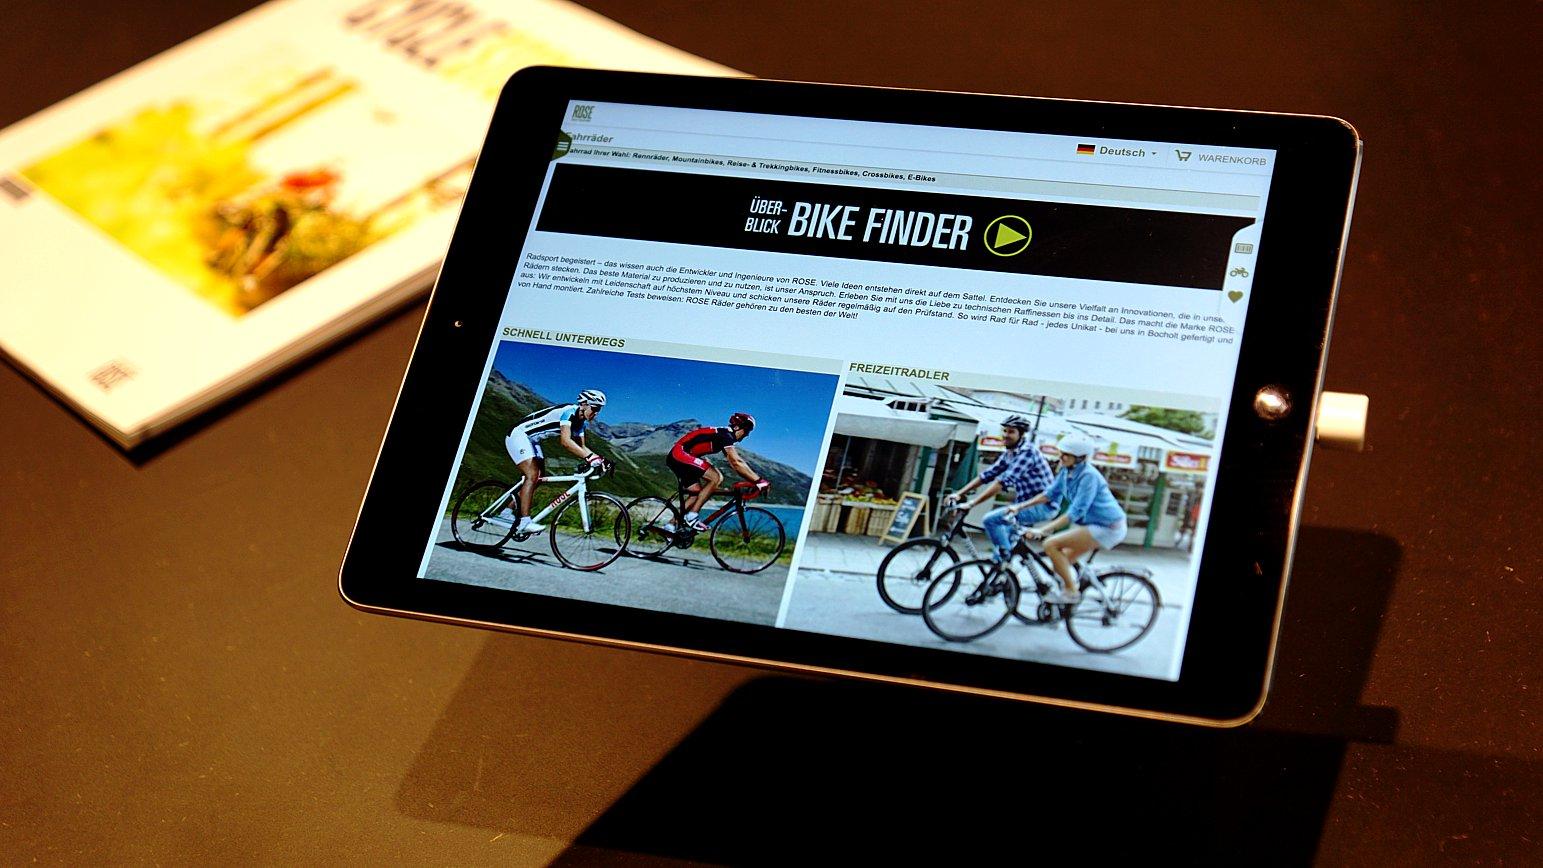 Neben der Werkstatt gibt es einen Wartebereich mit Sitzbänken. iPads mit dem voreingestellten Bike-Finder verkürzen die Wartezeit - sollte man auf eine Montage oder Justage warten.